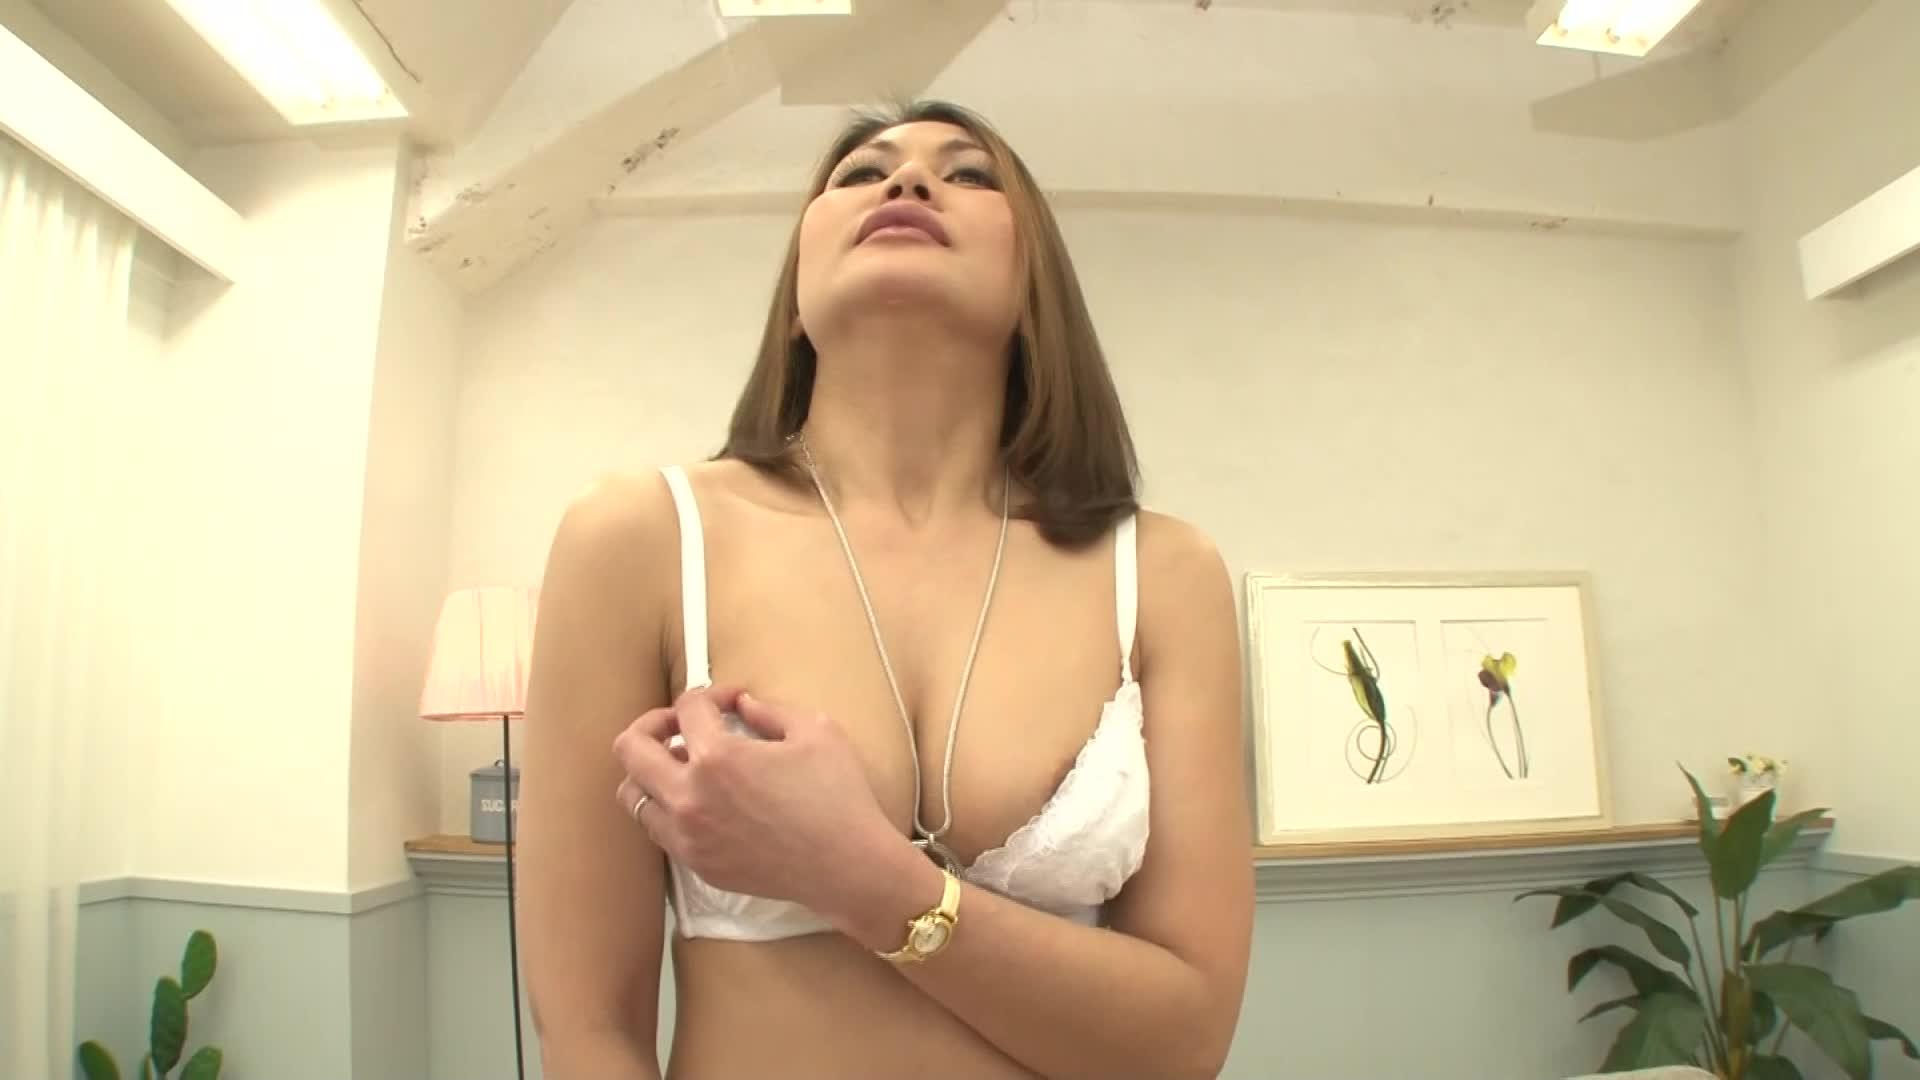 「もう脱ぐんですか…?」フィリピンハーフの美熟女がハメ撮り出演で下着を脱ぎ巨乳とアナルを舐めるように観察…